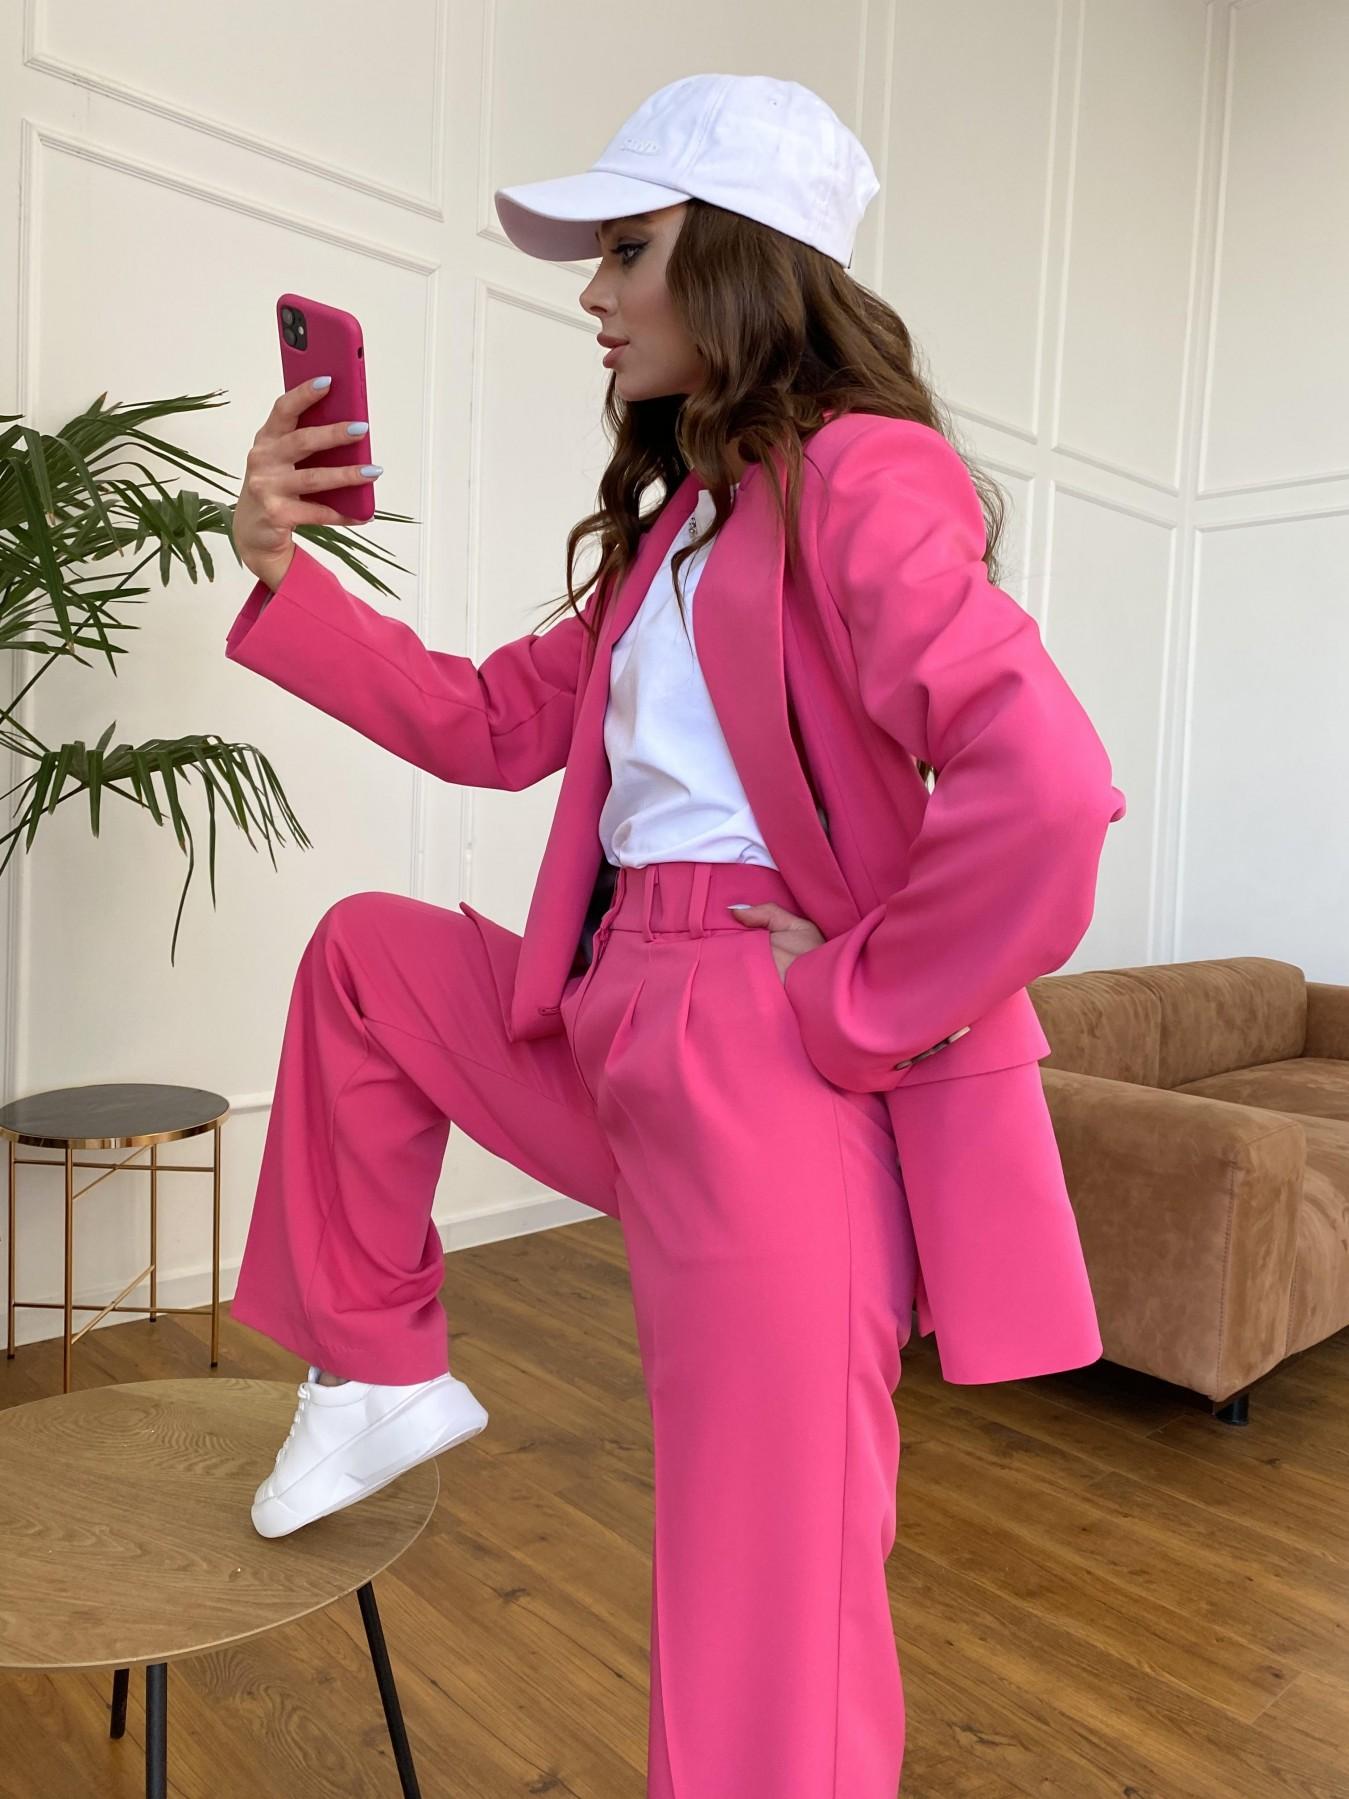 Белисимо  костюм стрейч из костюмной ткани 11217 АРТ. 47720 Цвет: Малиновый - фото 2, интернет магазин tm-modus.ru